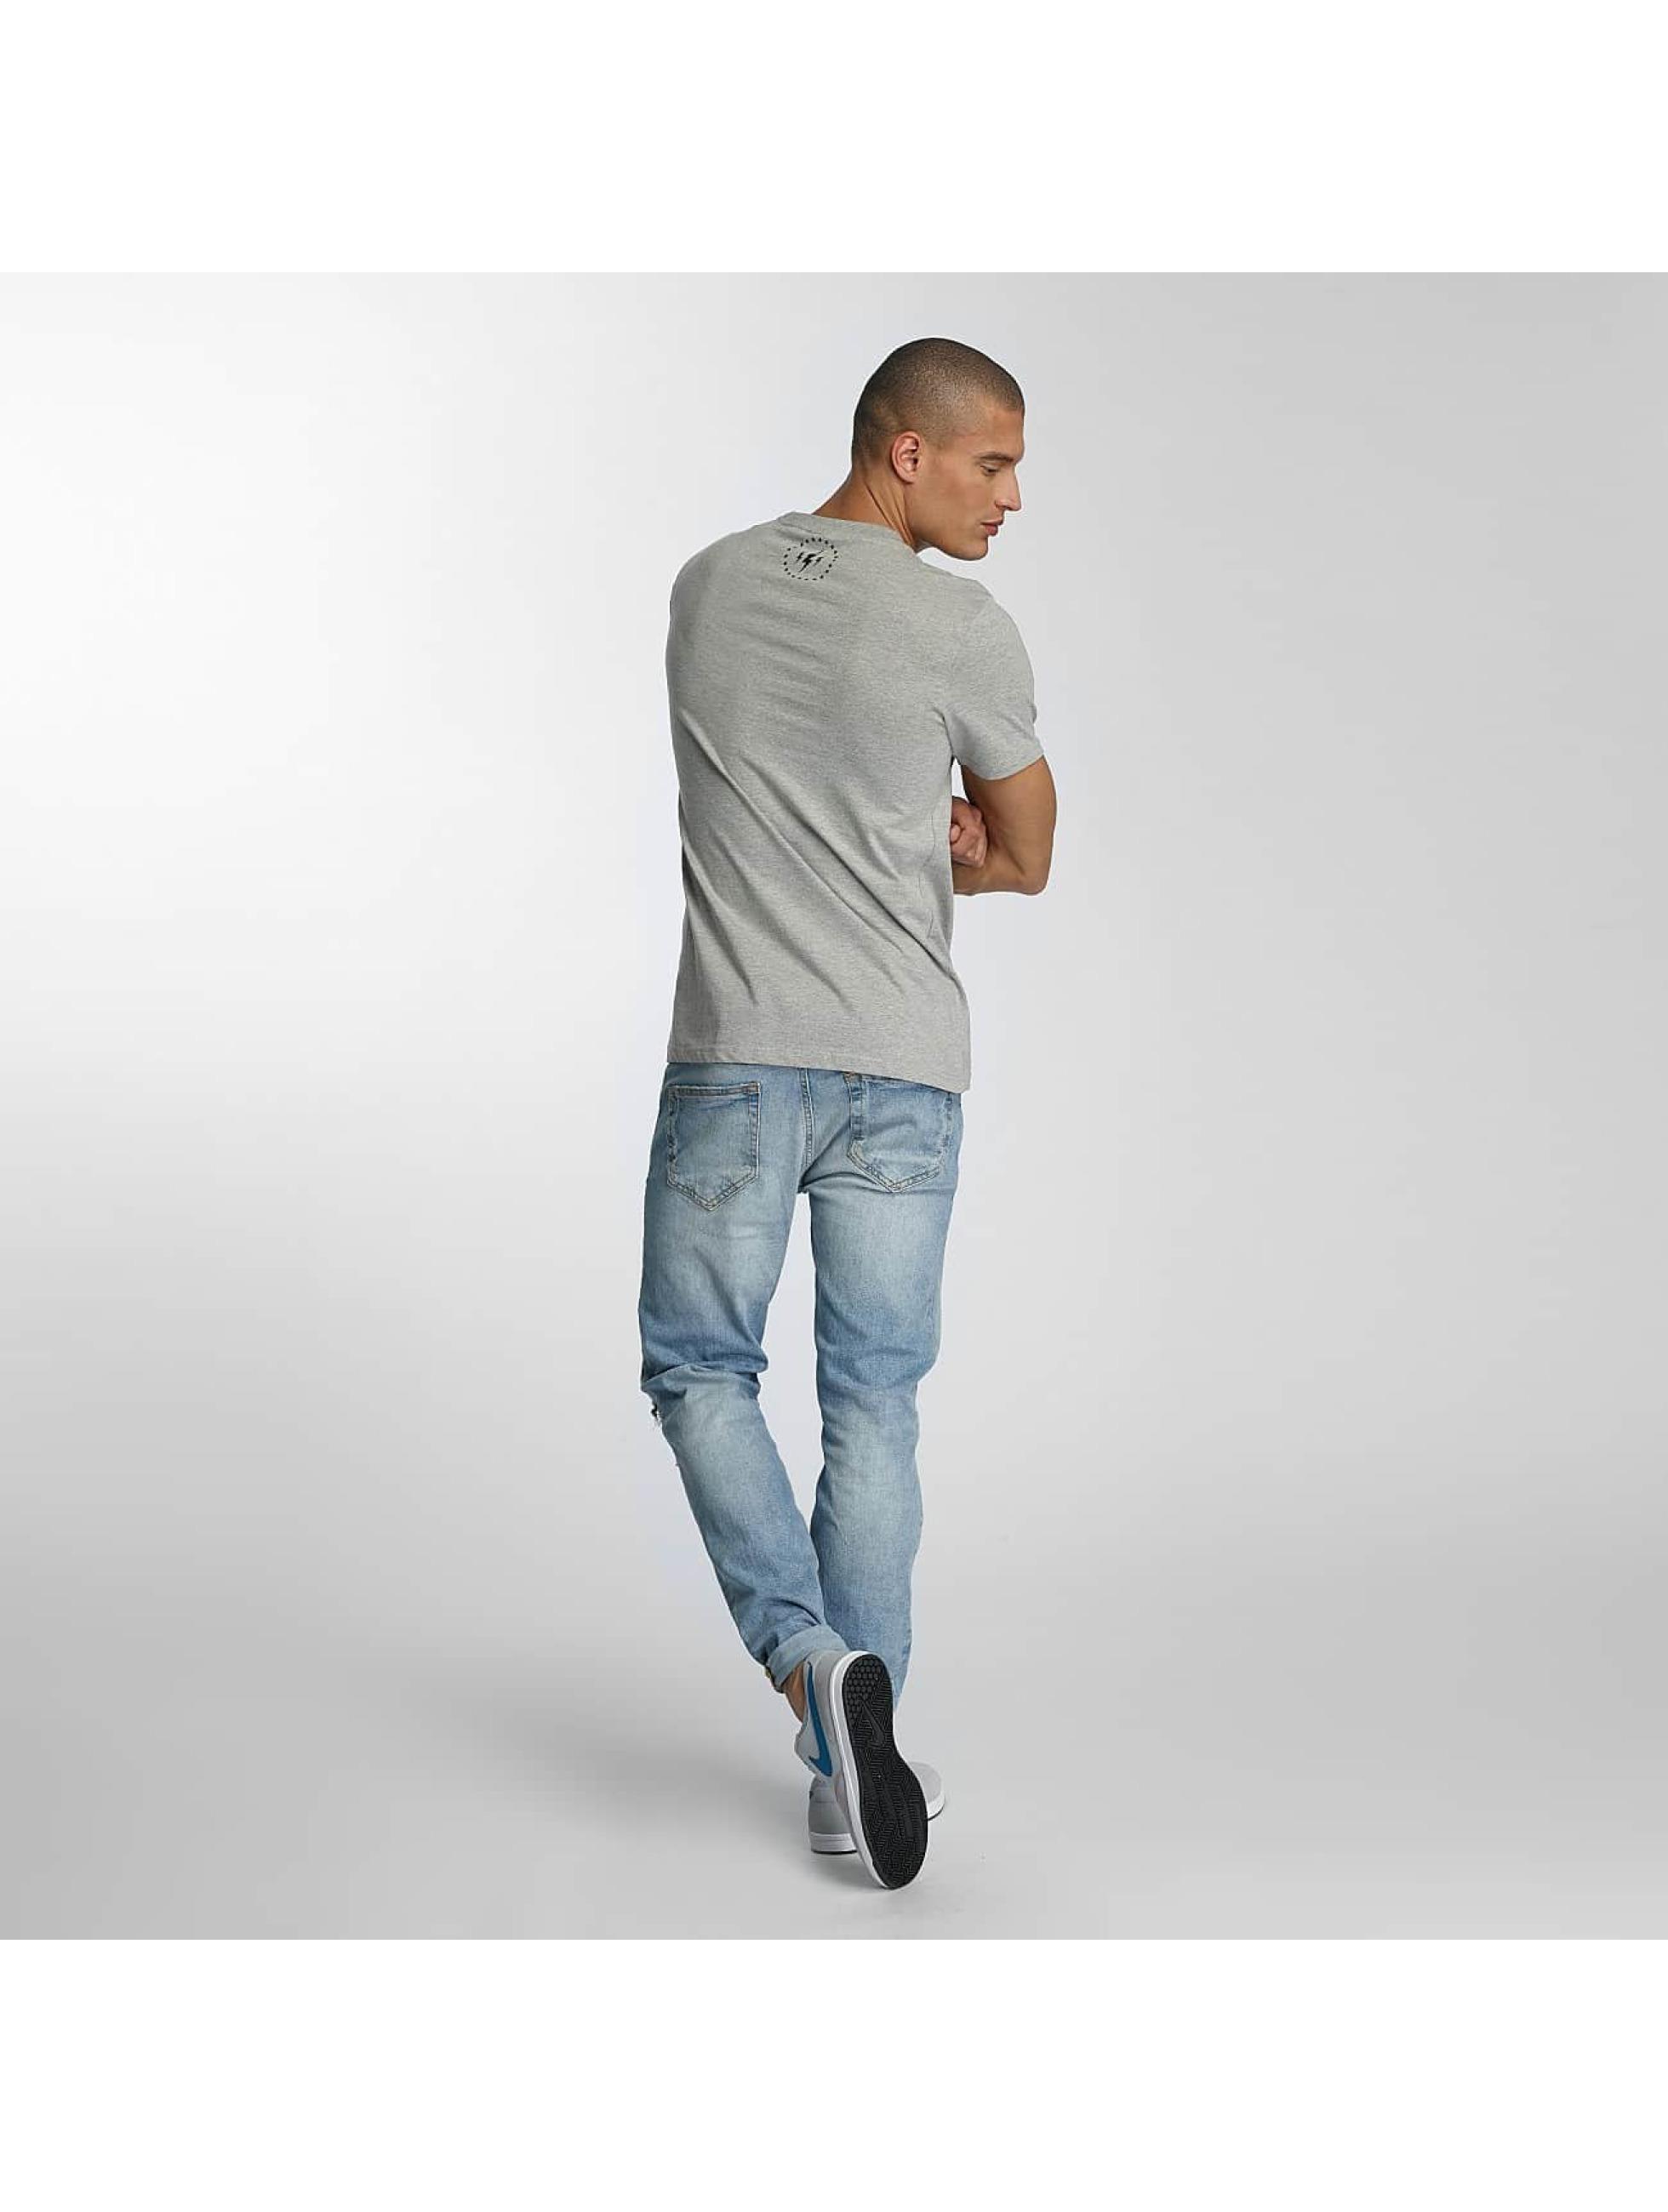 TrueSpin Camiseta 7 gris